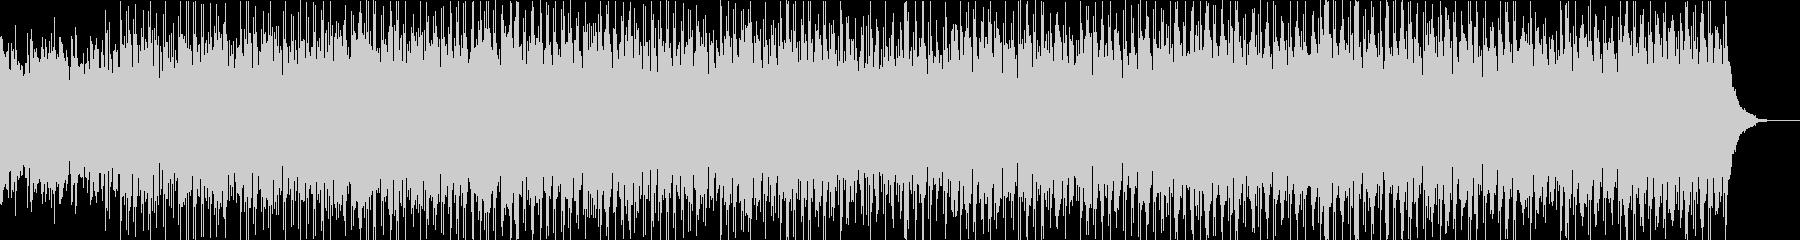 ピュアでキュートなオリジナルボサノバ曲の未再生の波形